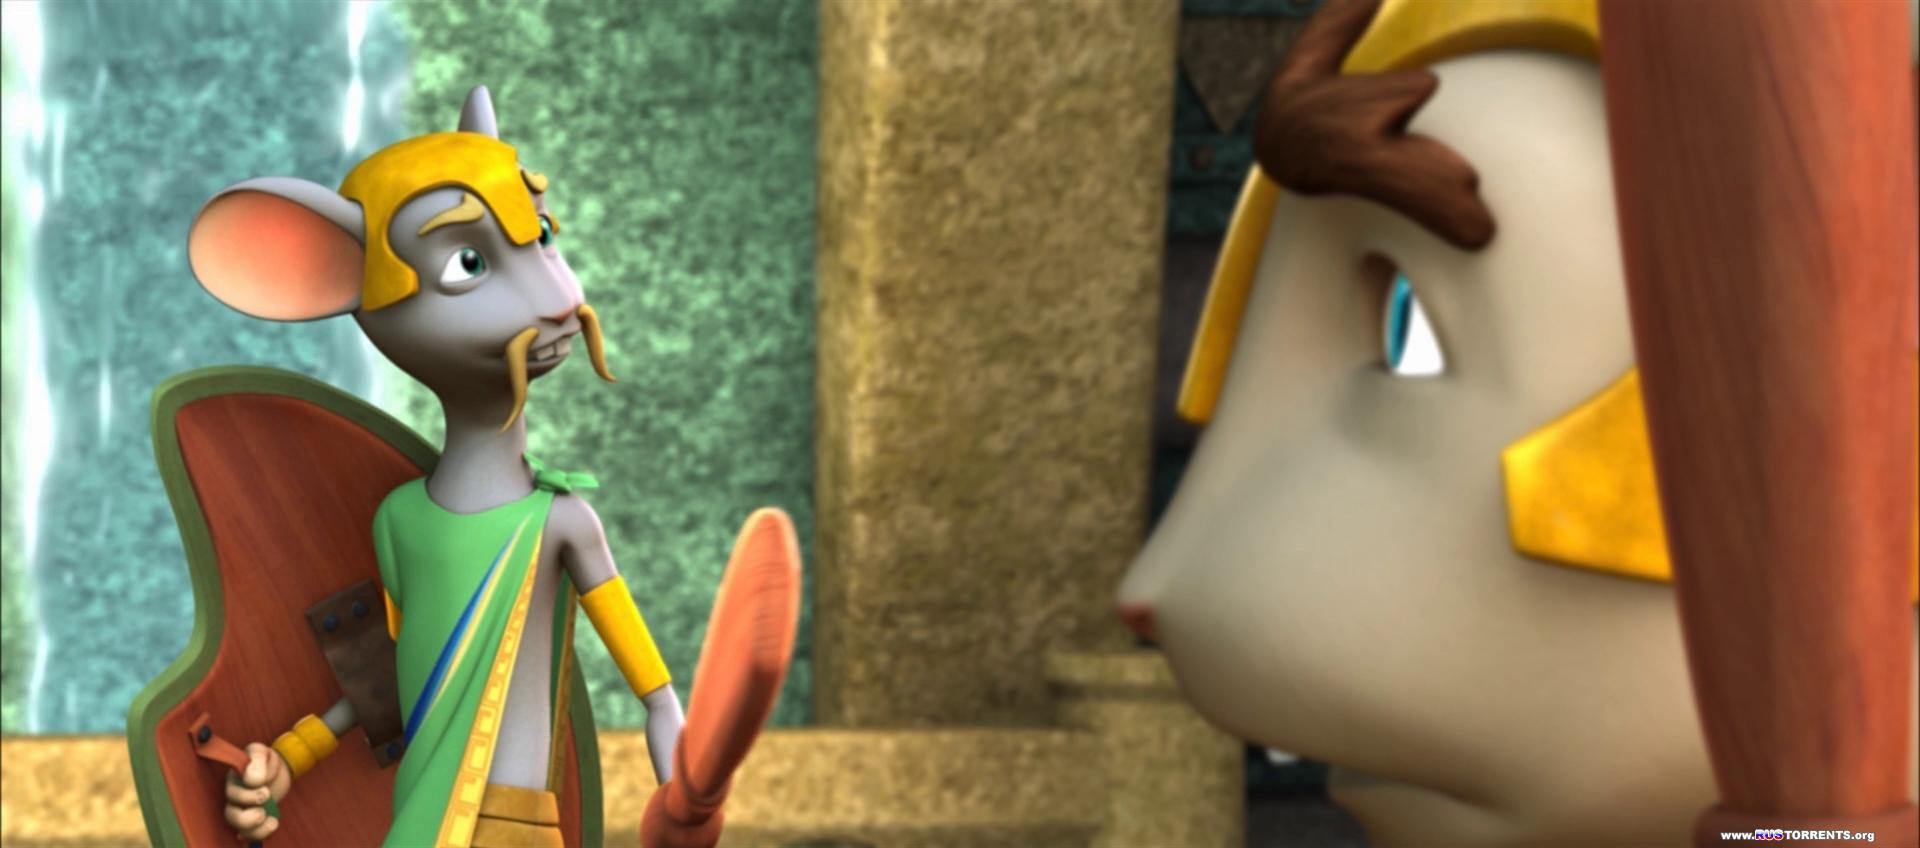 Приключения мышонка | BDRip 1080p | Лицензия